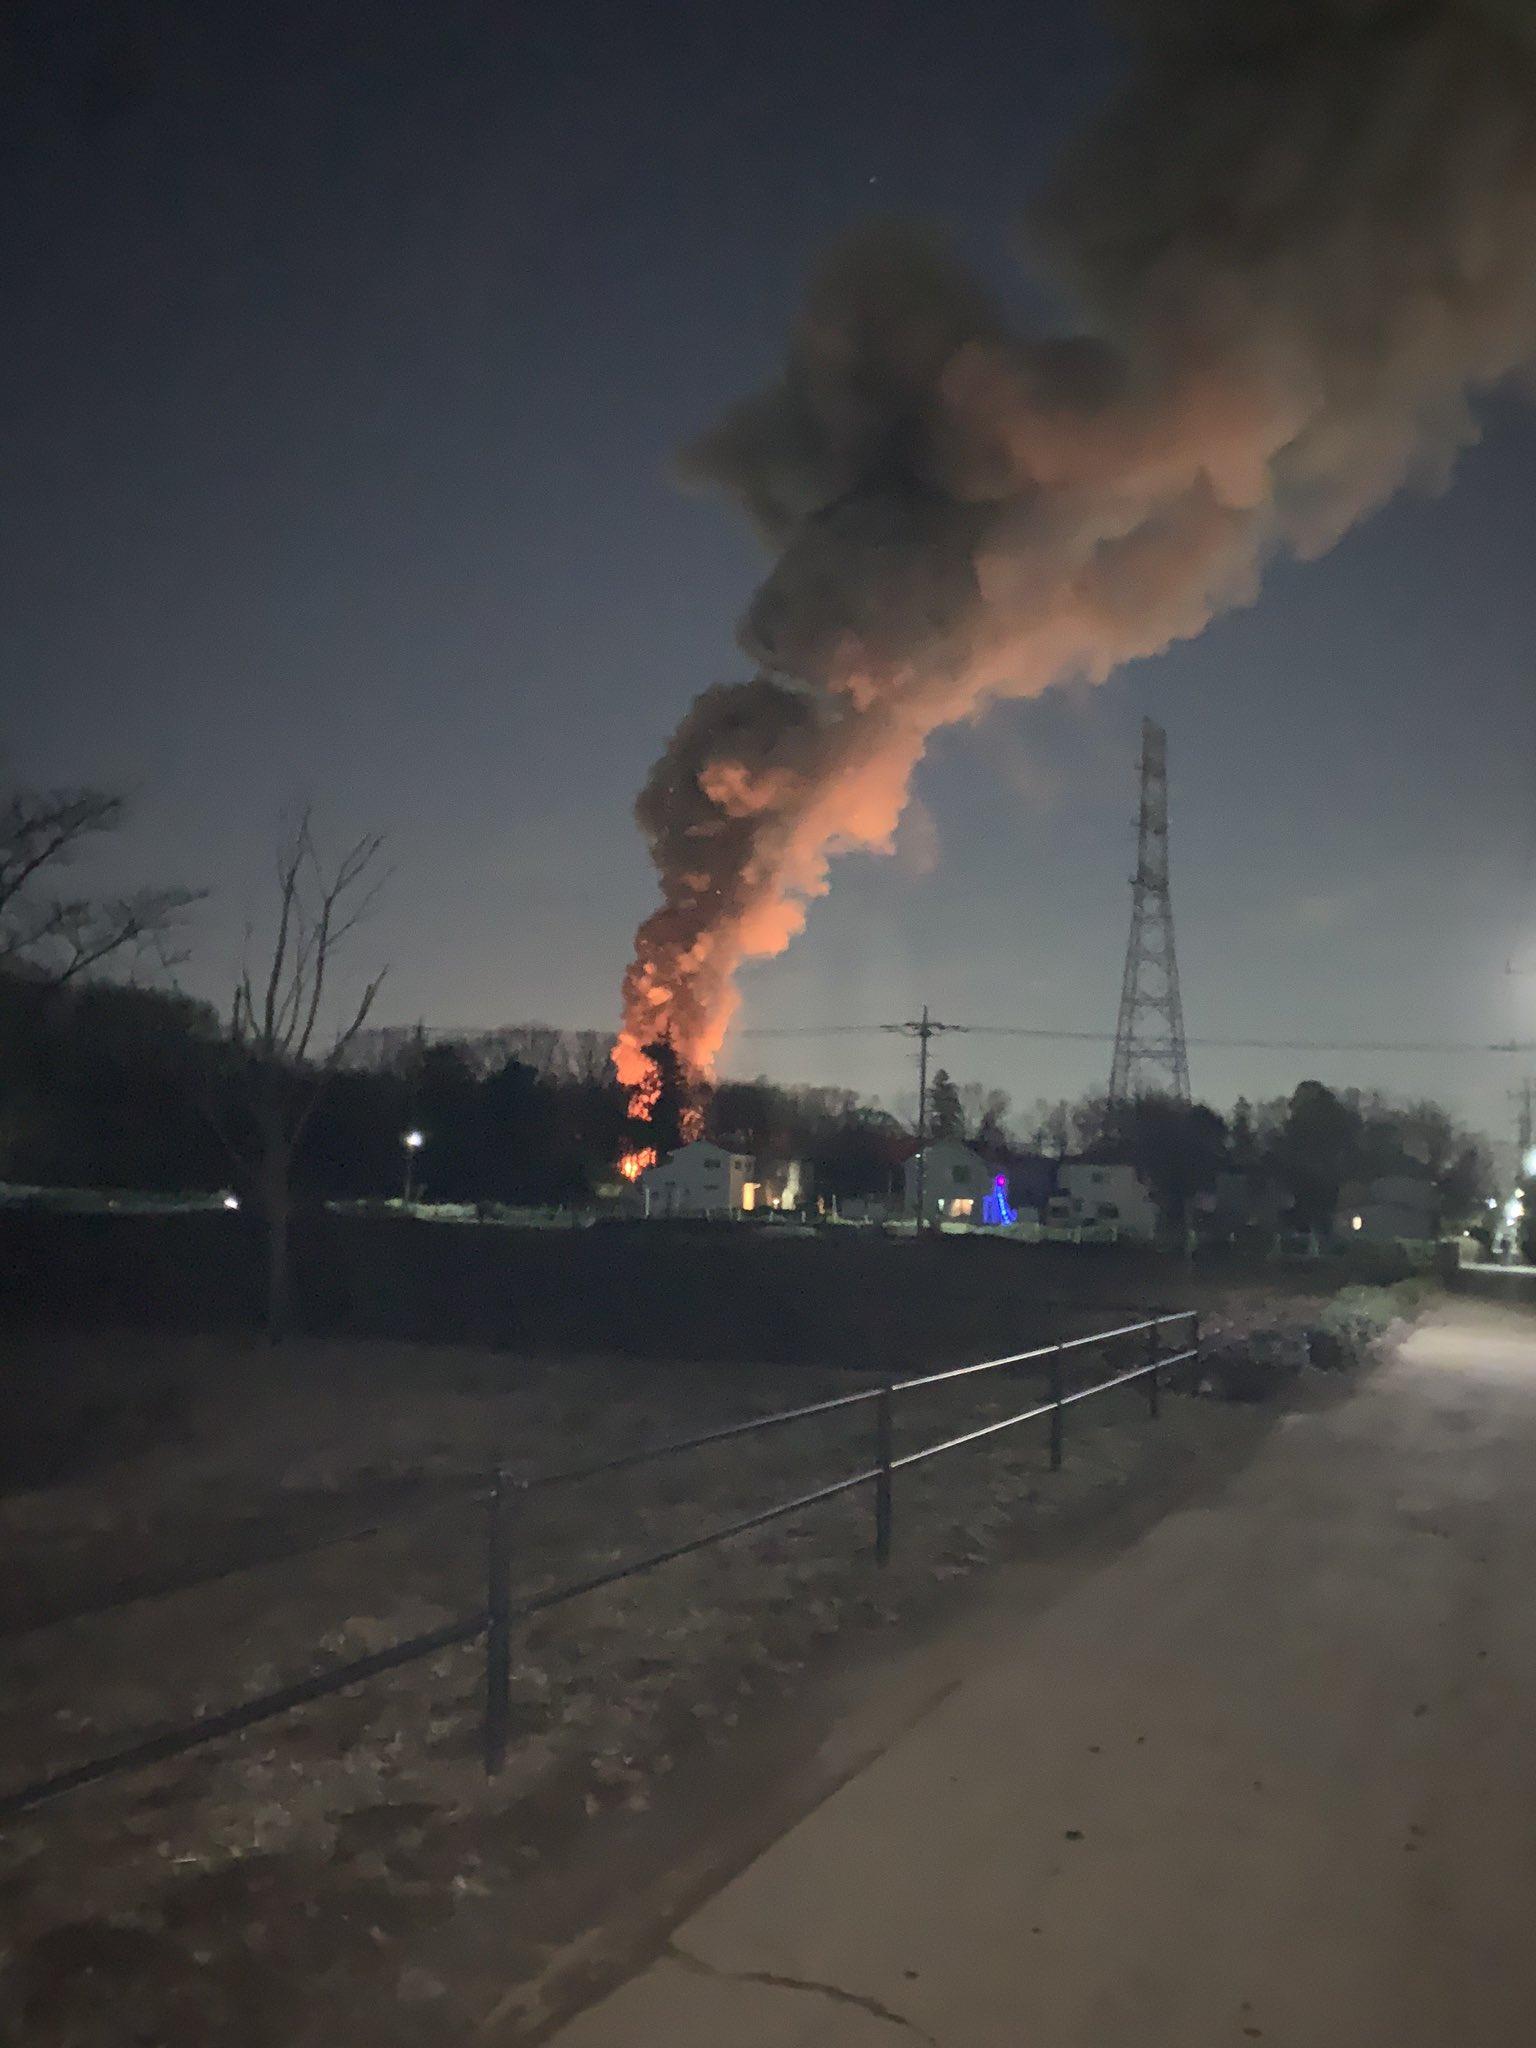 所沢市岩岡町で火事が起きている現場の画像